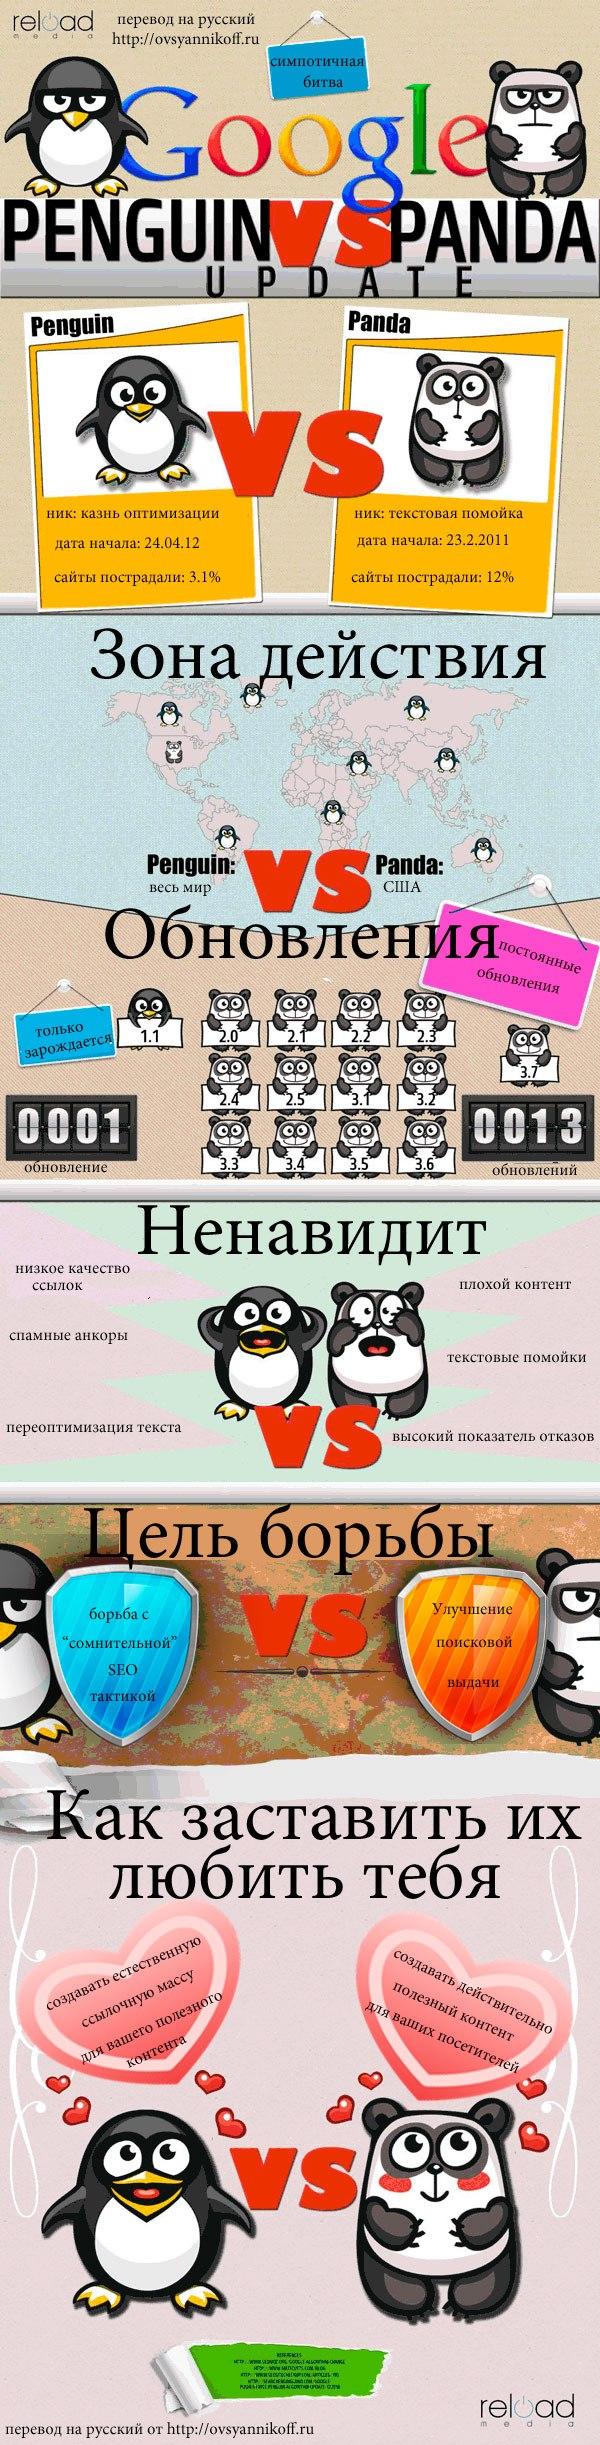 """Инфографика """"Пингвин против панды"""""""